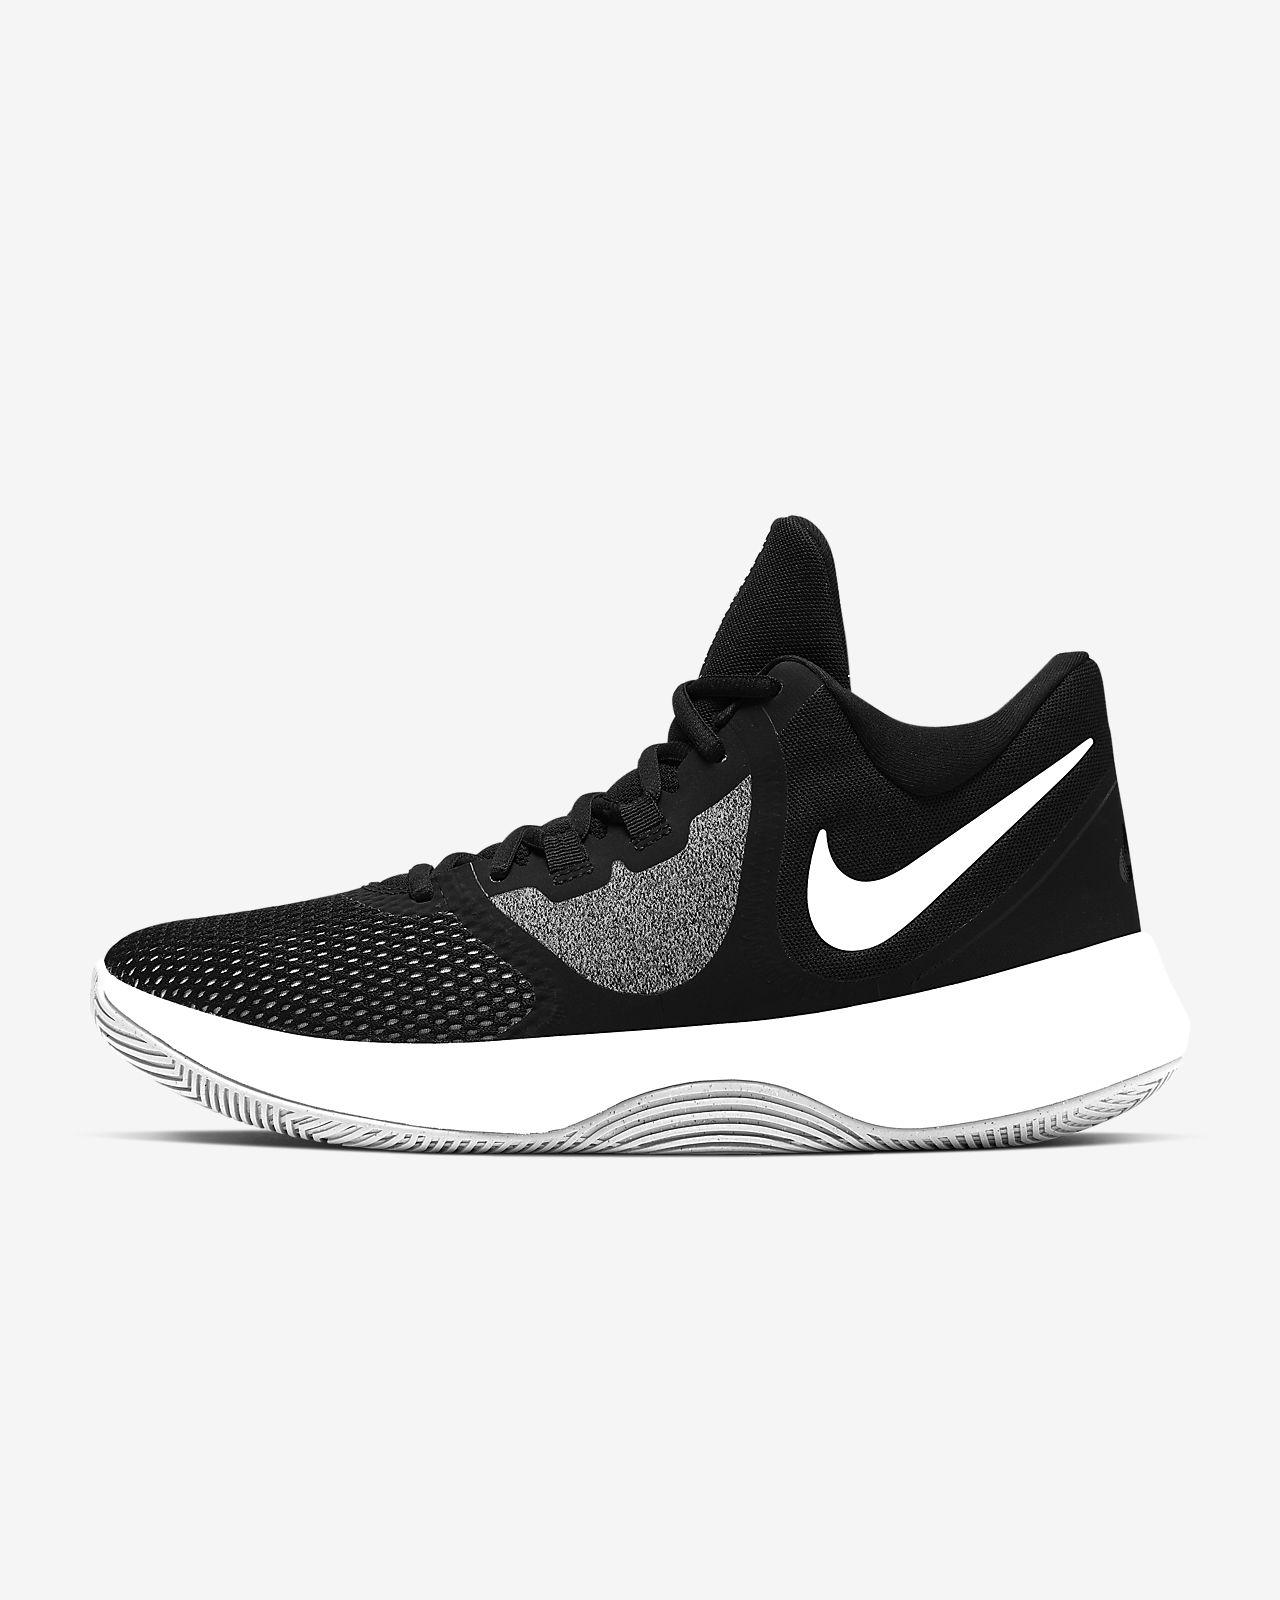 รองเท้าบาสเก็ตบอล Nike Air Precision II